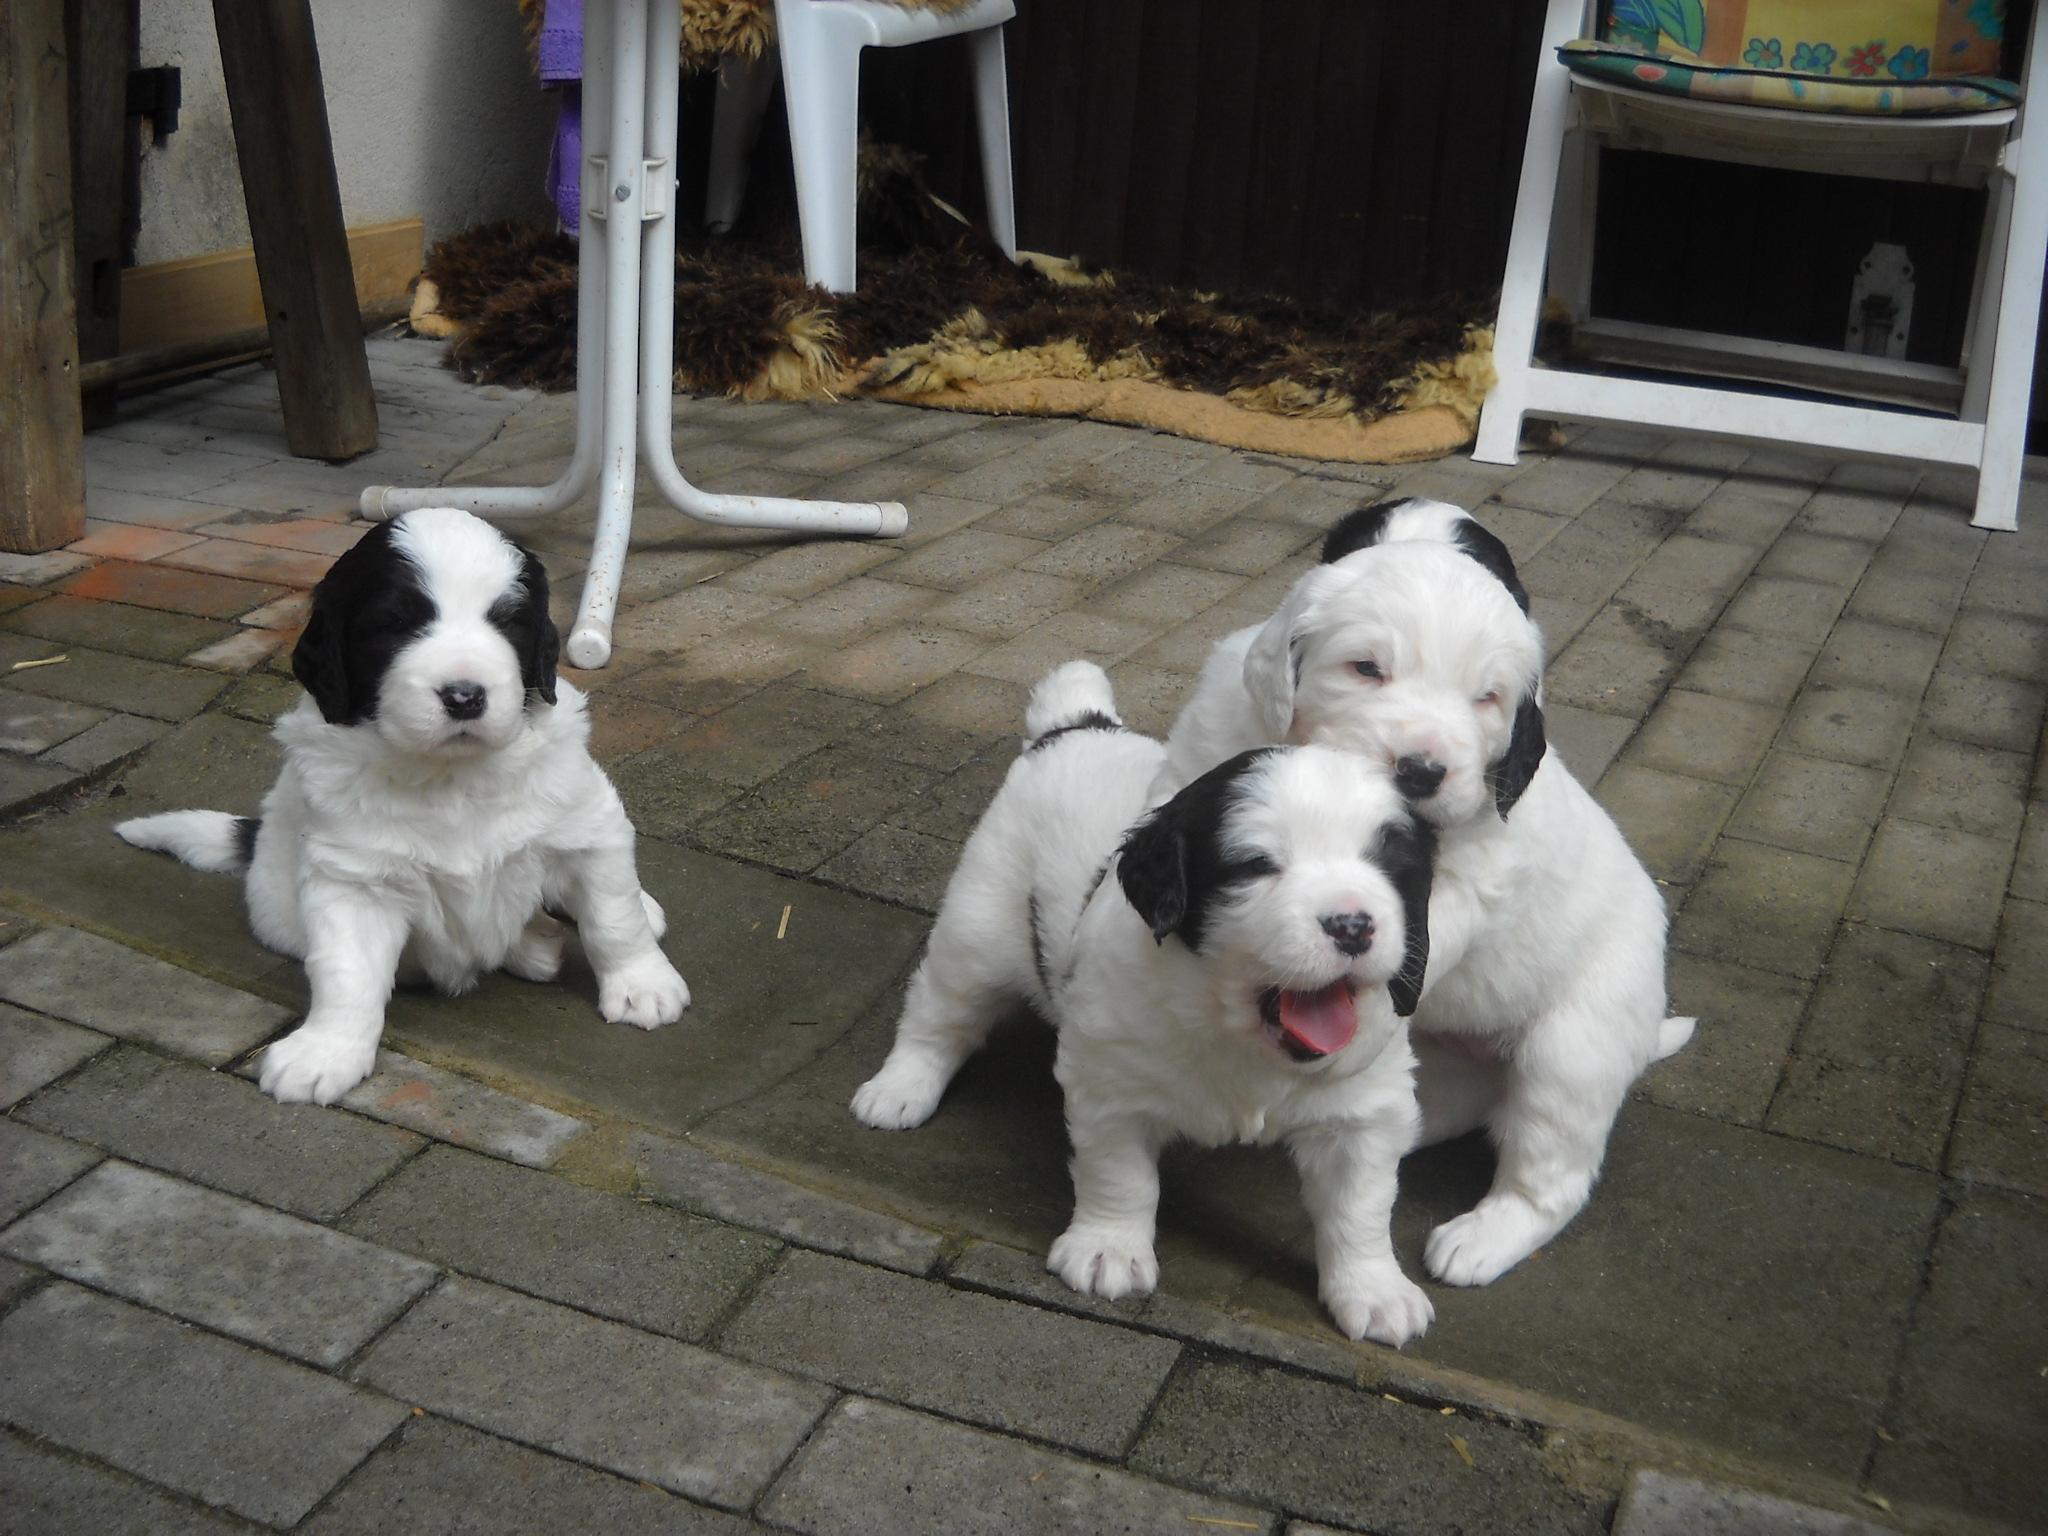 Three Landseer puppies wallpaper